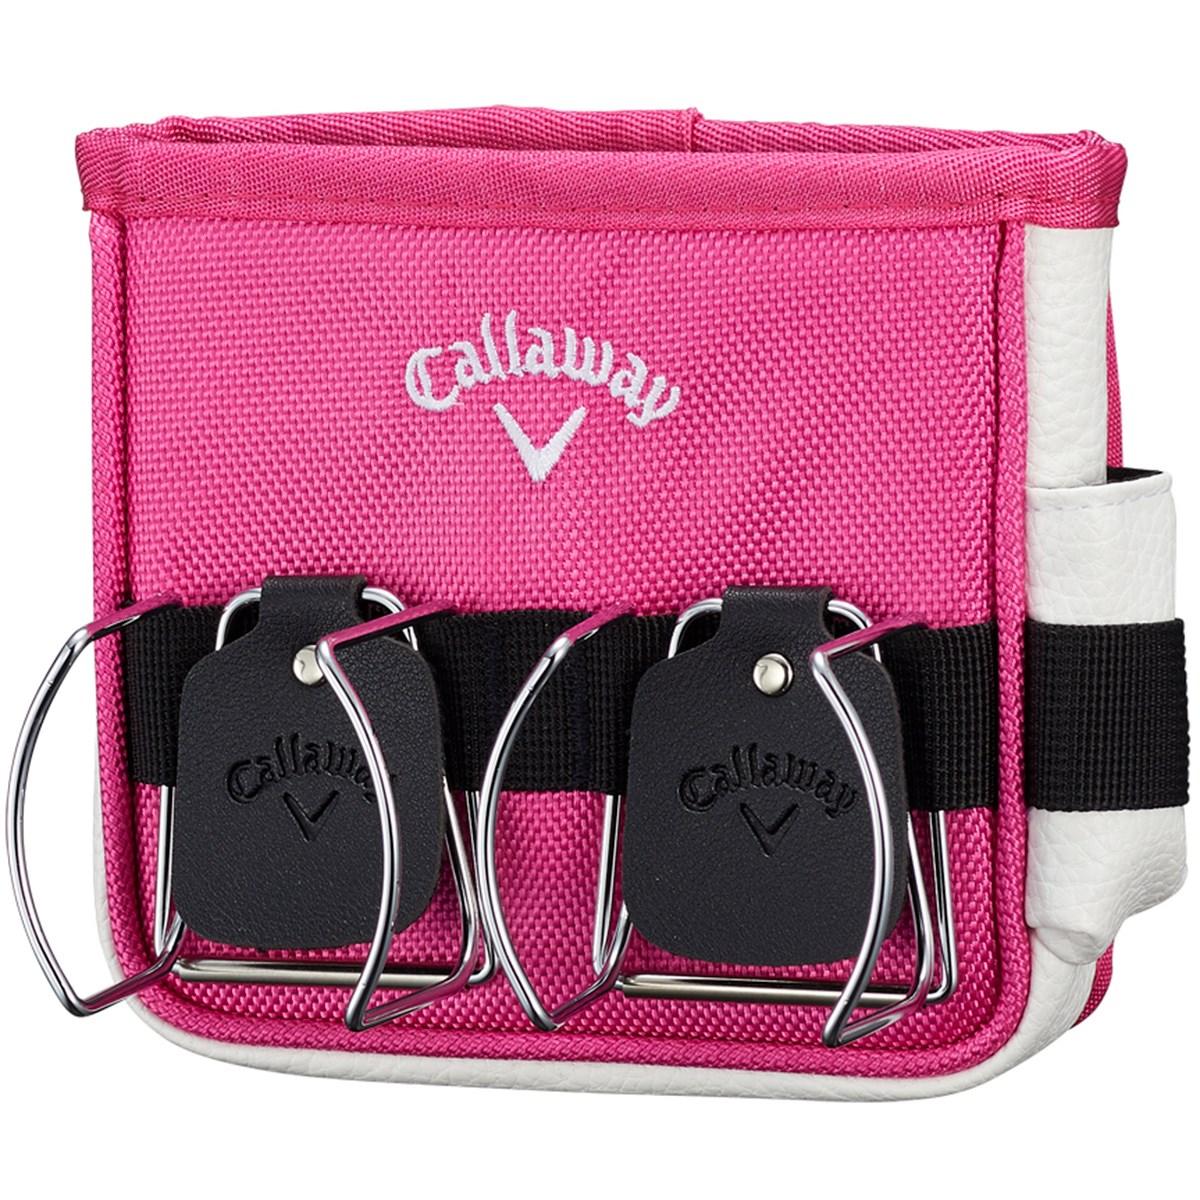 キャロウェイゴルフ(Callaway Golf) パークゴルフ CPG3 ポーチ